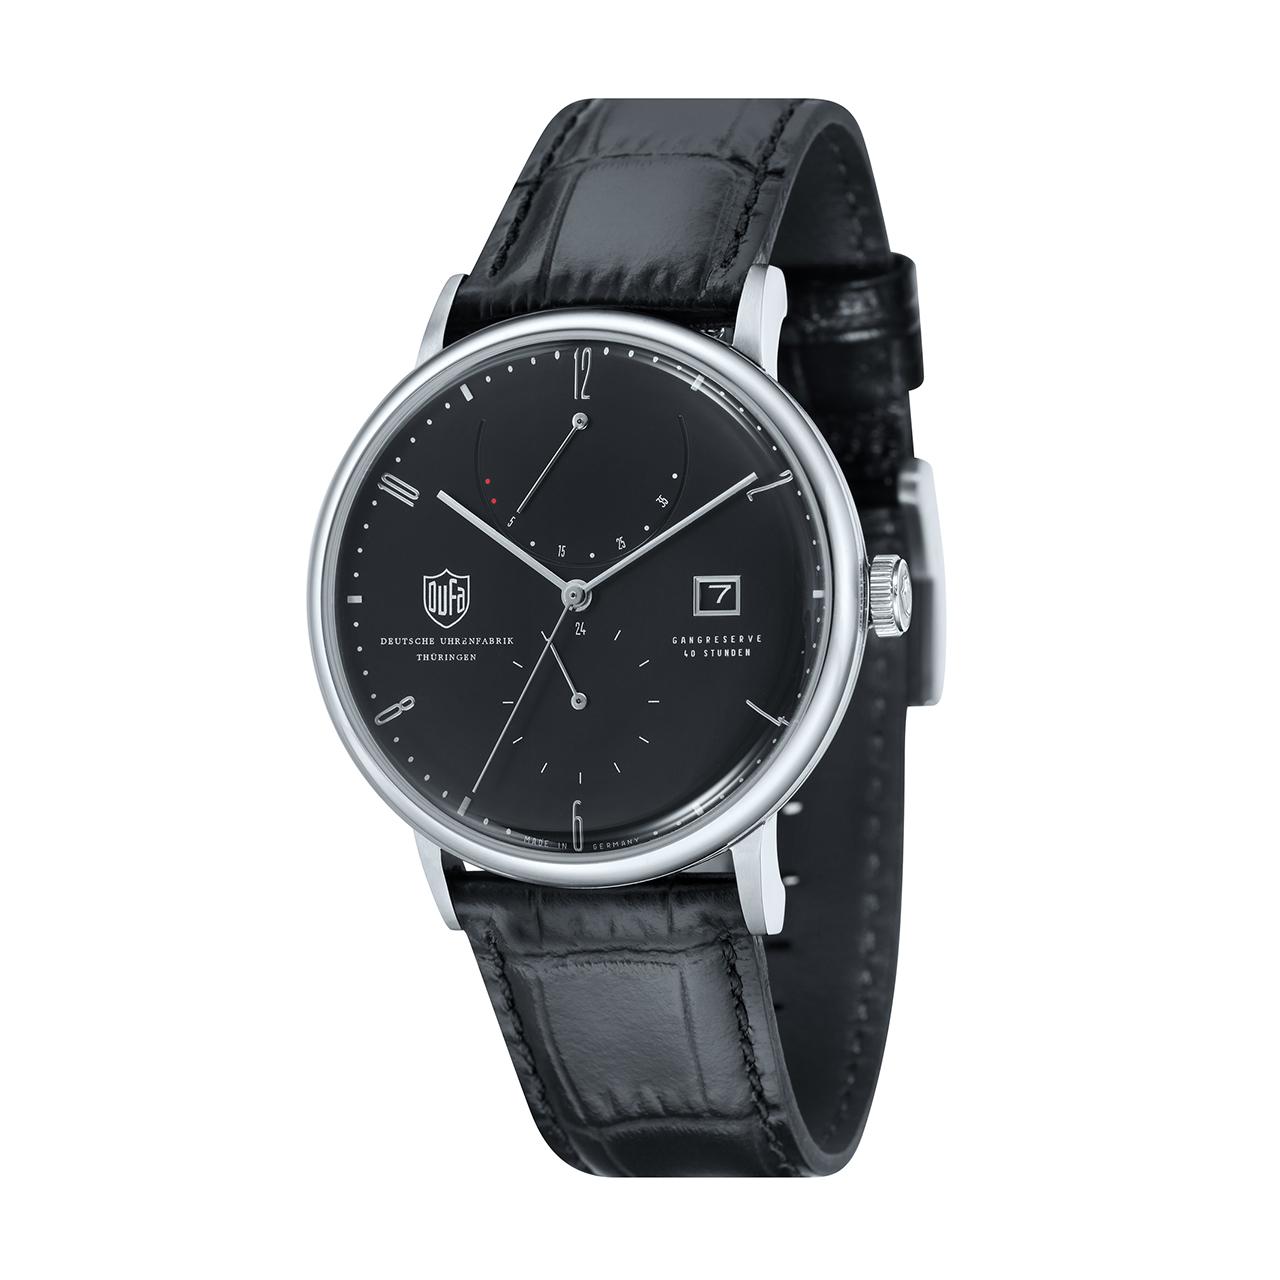 ساعت مچی عقربه ای مردانه دوفا مدل DF-9010-01